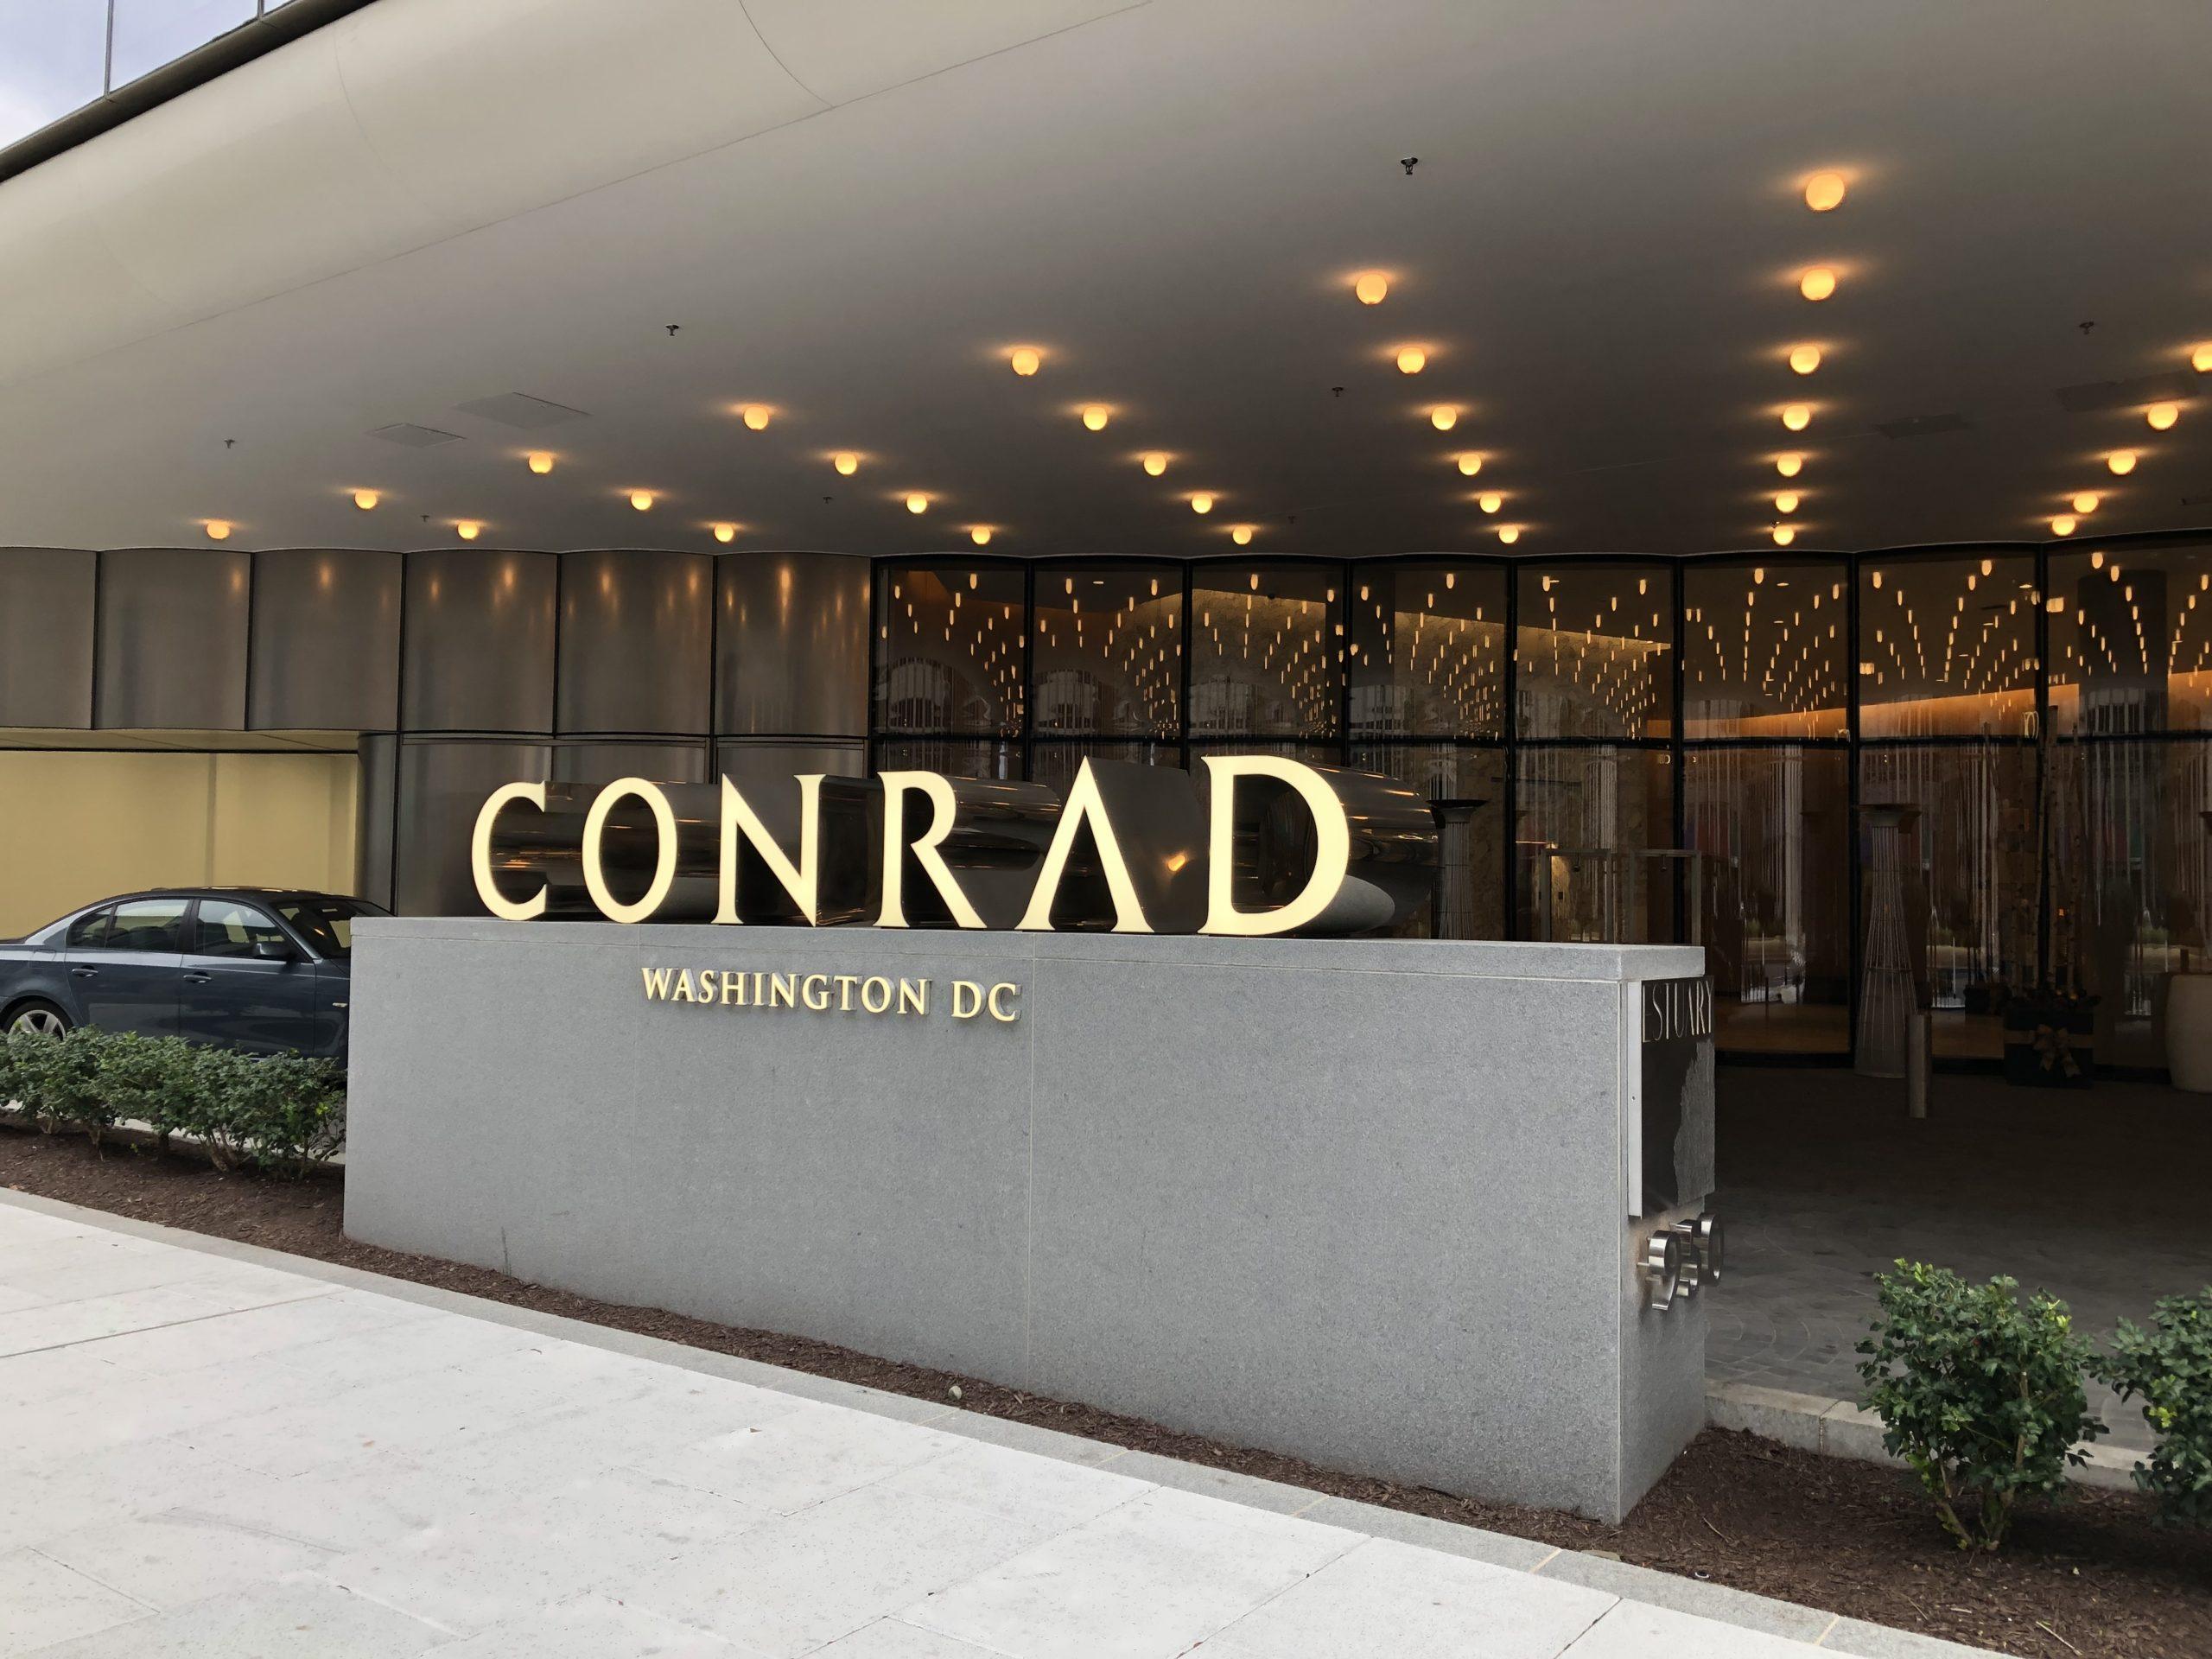 【宿泊レビュー】コンラッドワシントンDC(Conrad Washington, DC)【ヒルトンホテル】